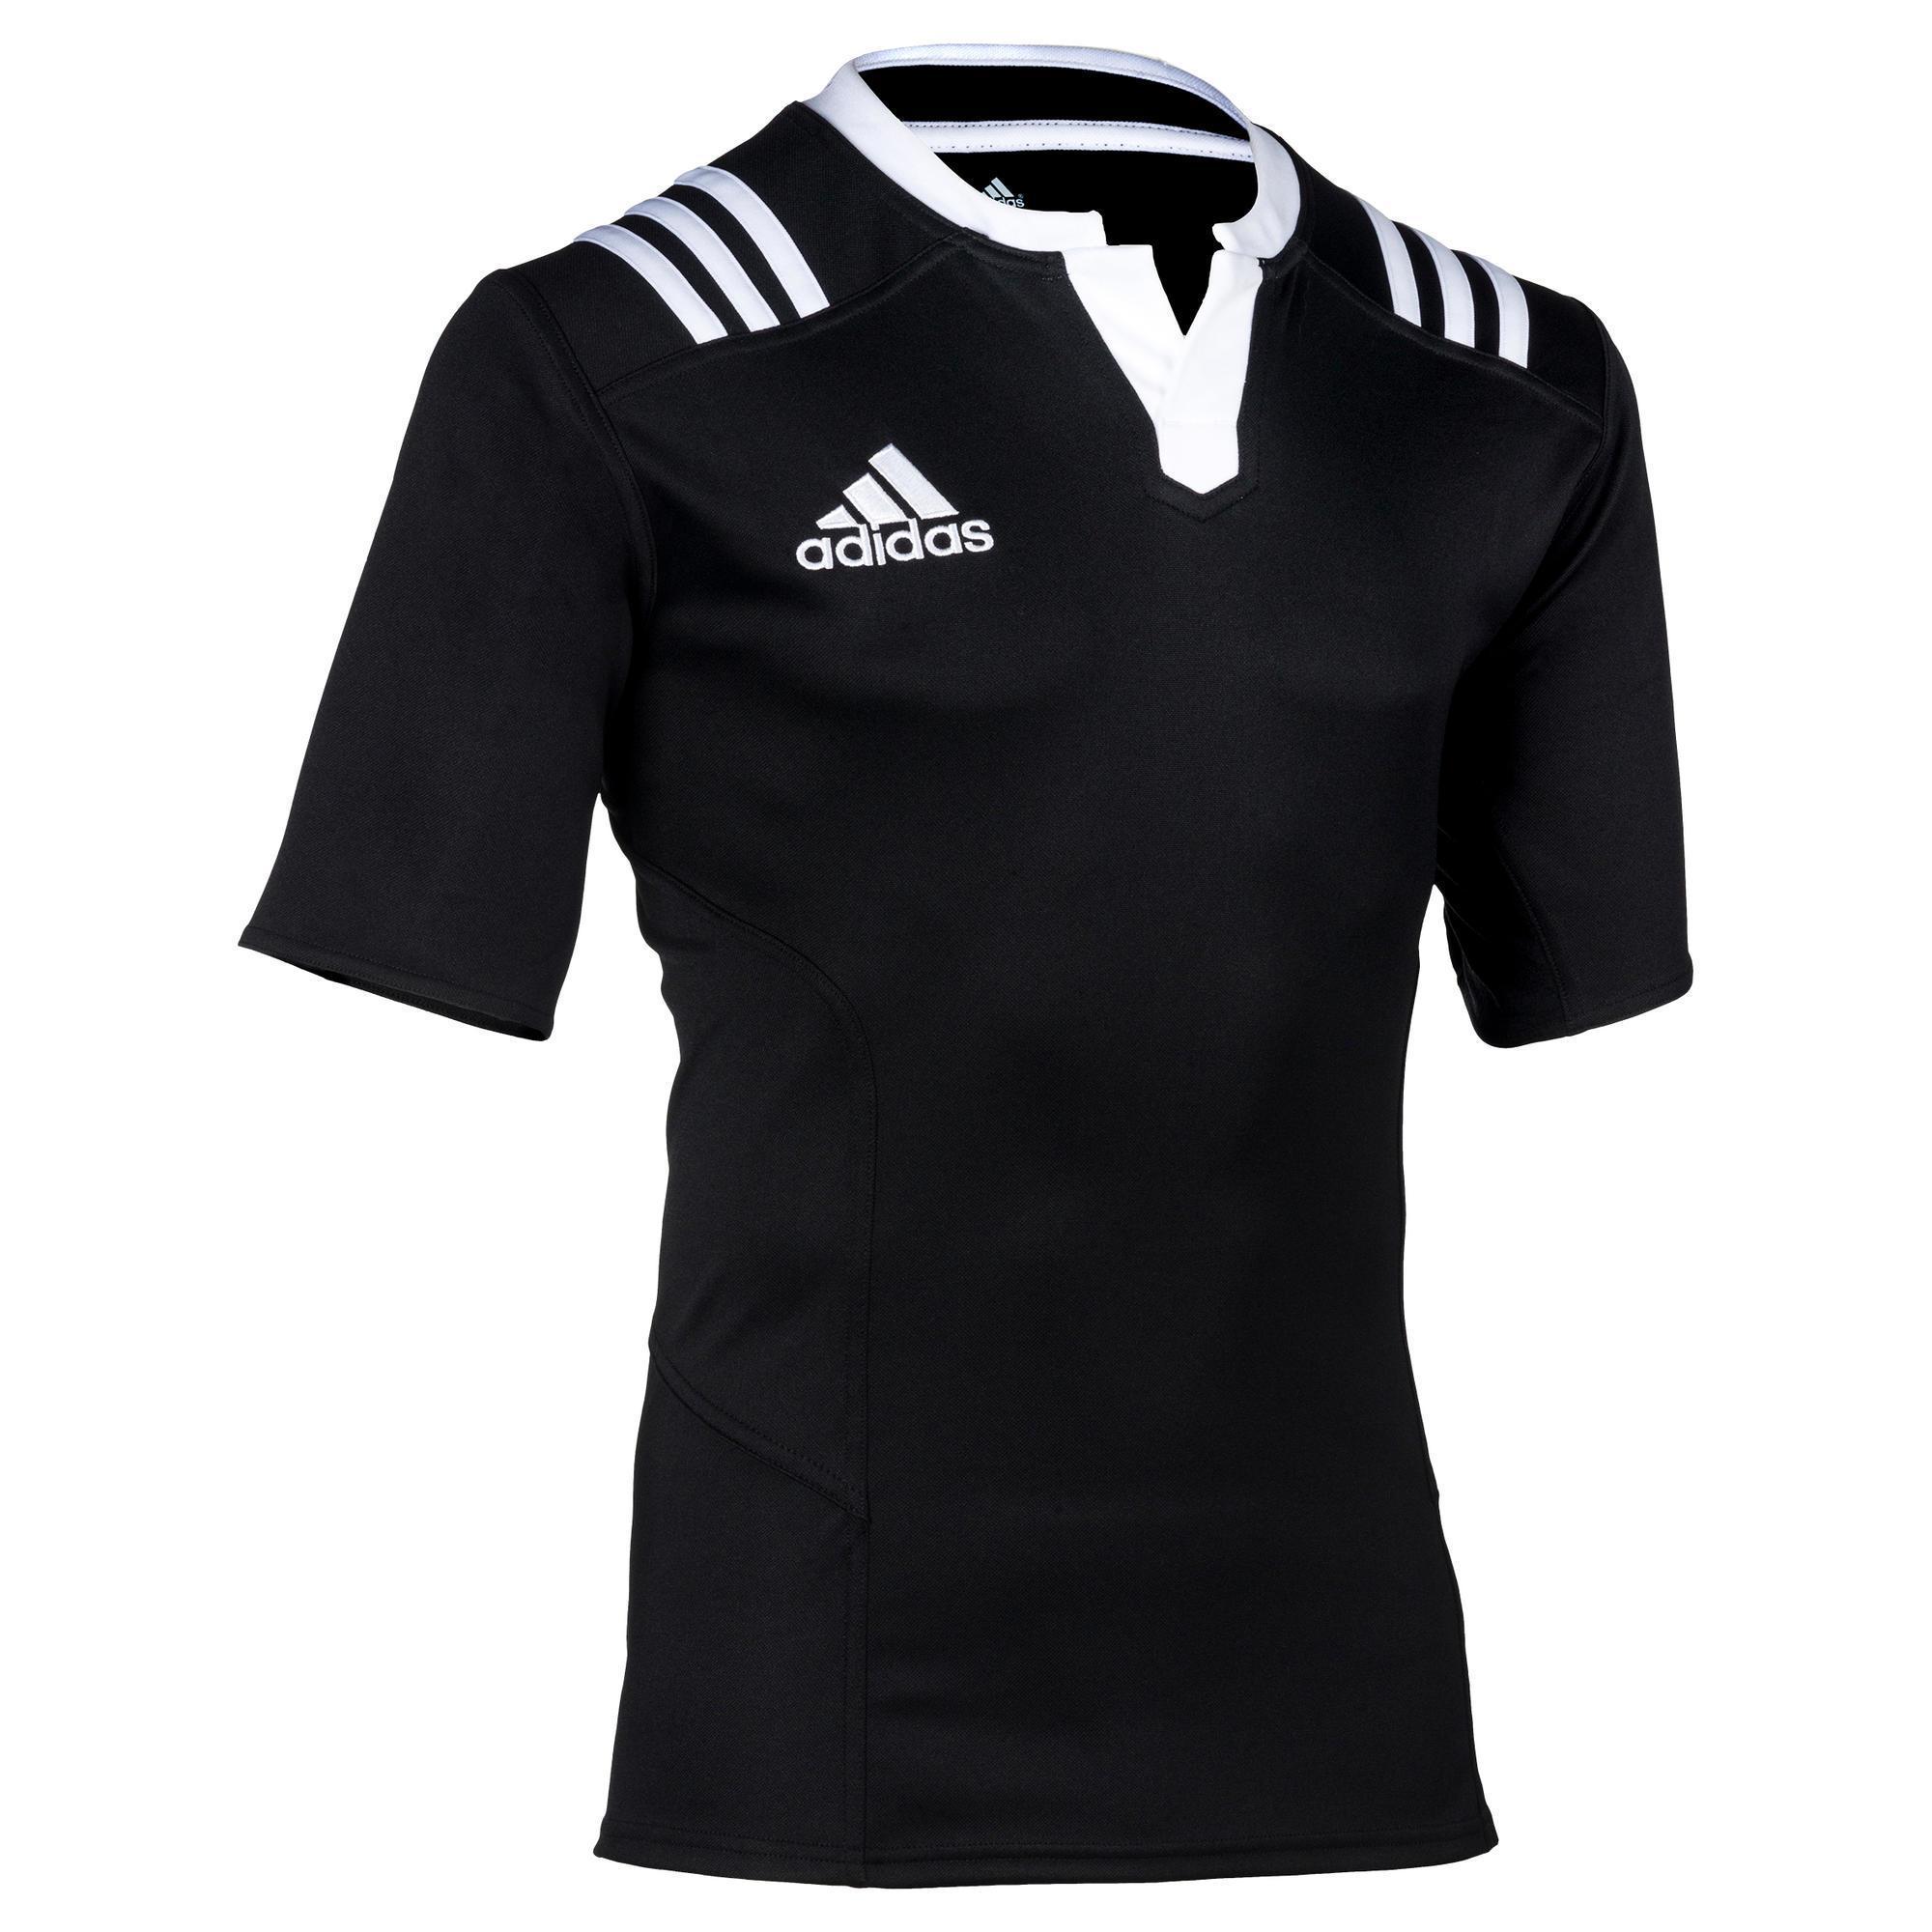 Rugbytrikot 3S Erwachsene schwarz/weiß | Sportbekleidung > Trikots > Sonstige Trikots | Schwarz - Weiß | Adidas